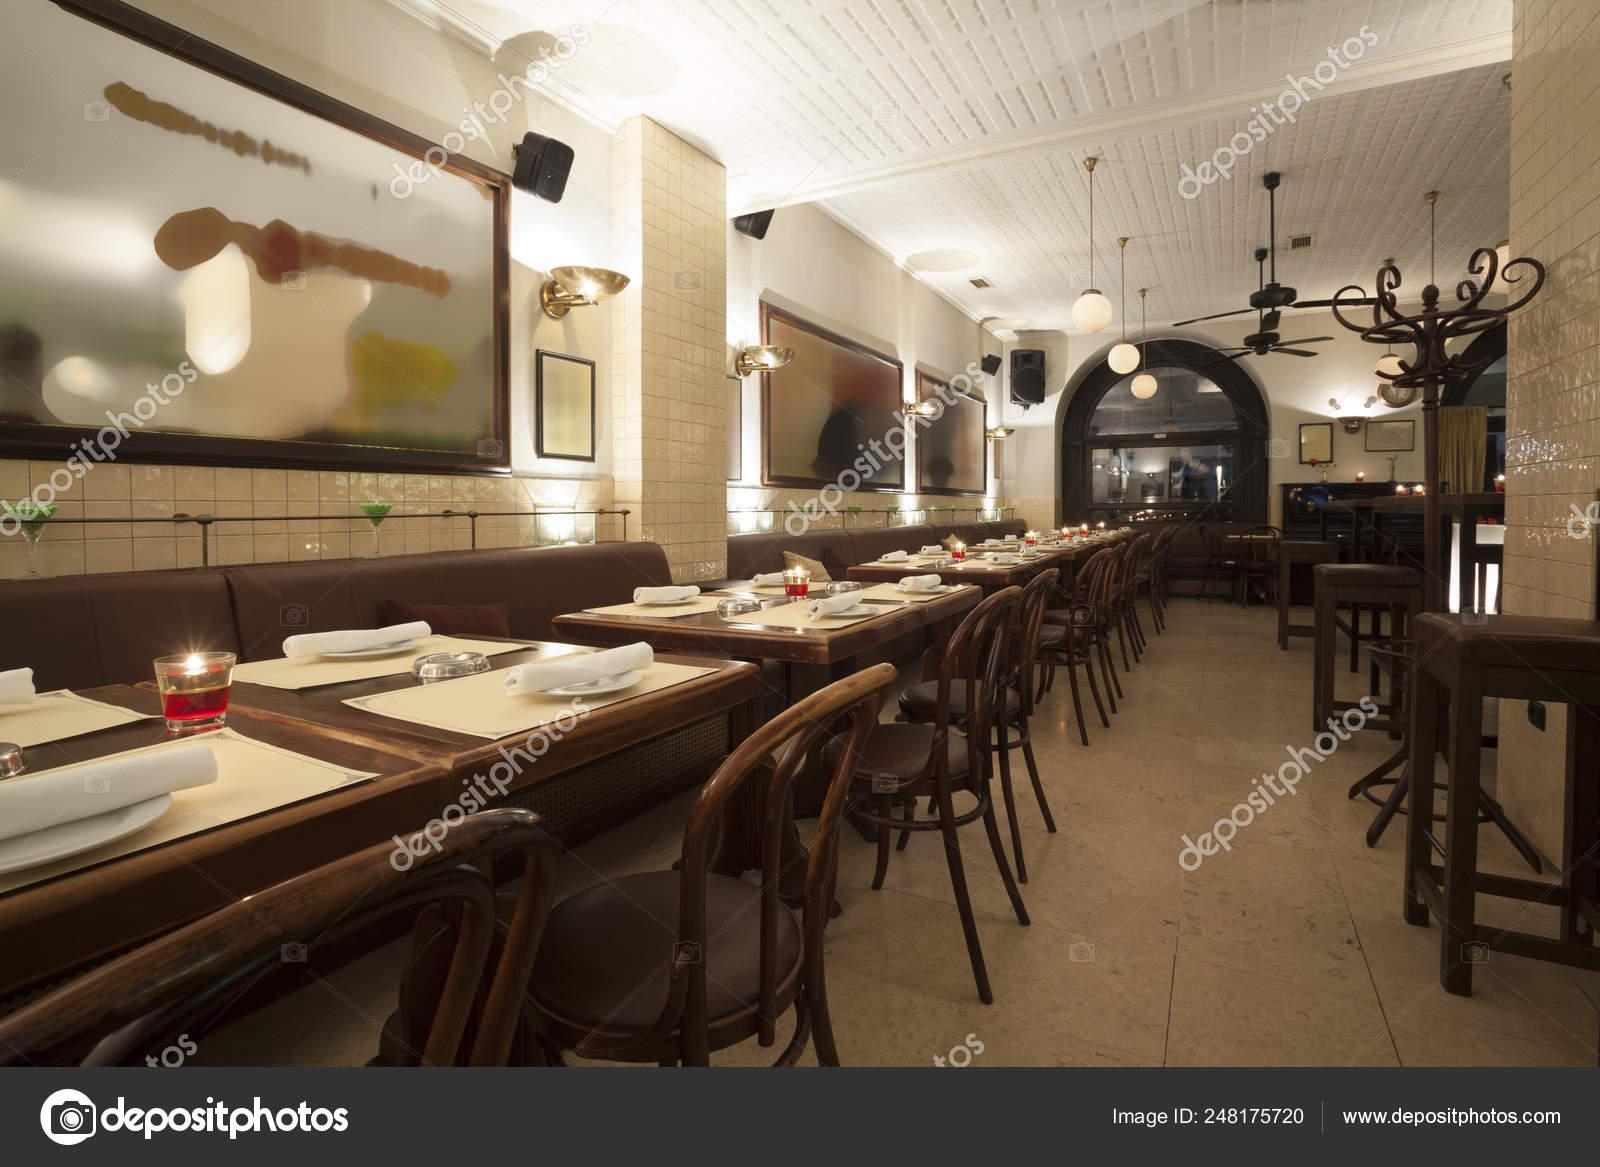 Stylish Modern Design Cafe Bar Vintage Style Stock Photo C Arizanko 248175720